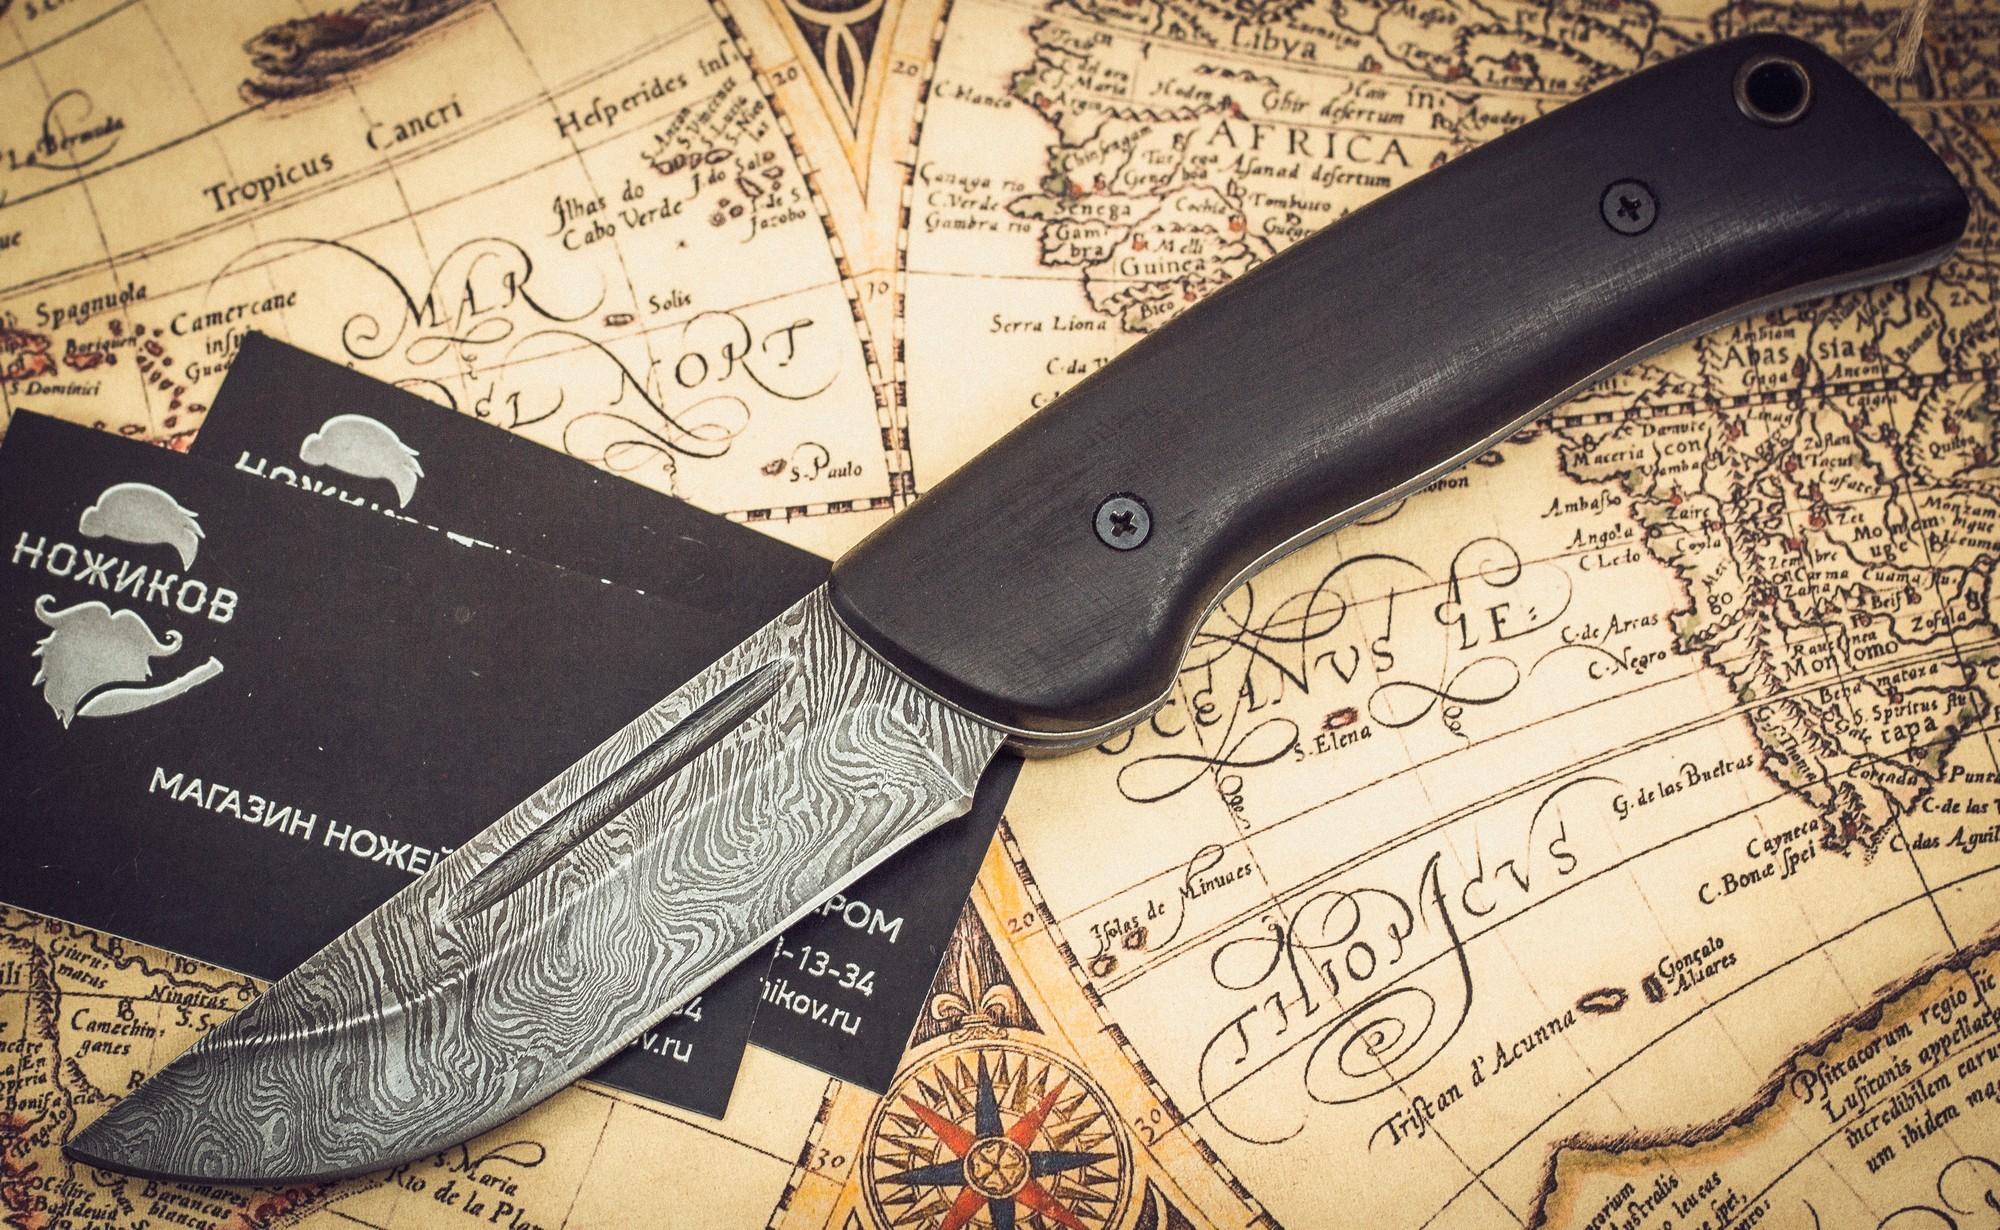 Складной нож Морвин, дамаск, граб складной нож ловкий сталь дамаск граб